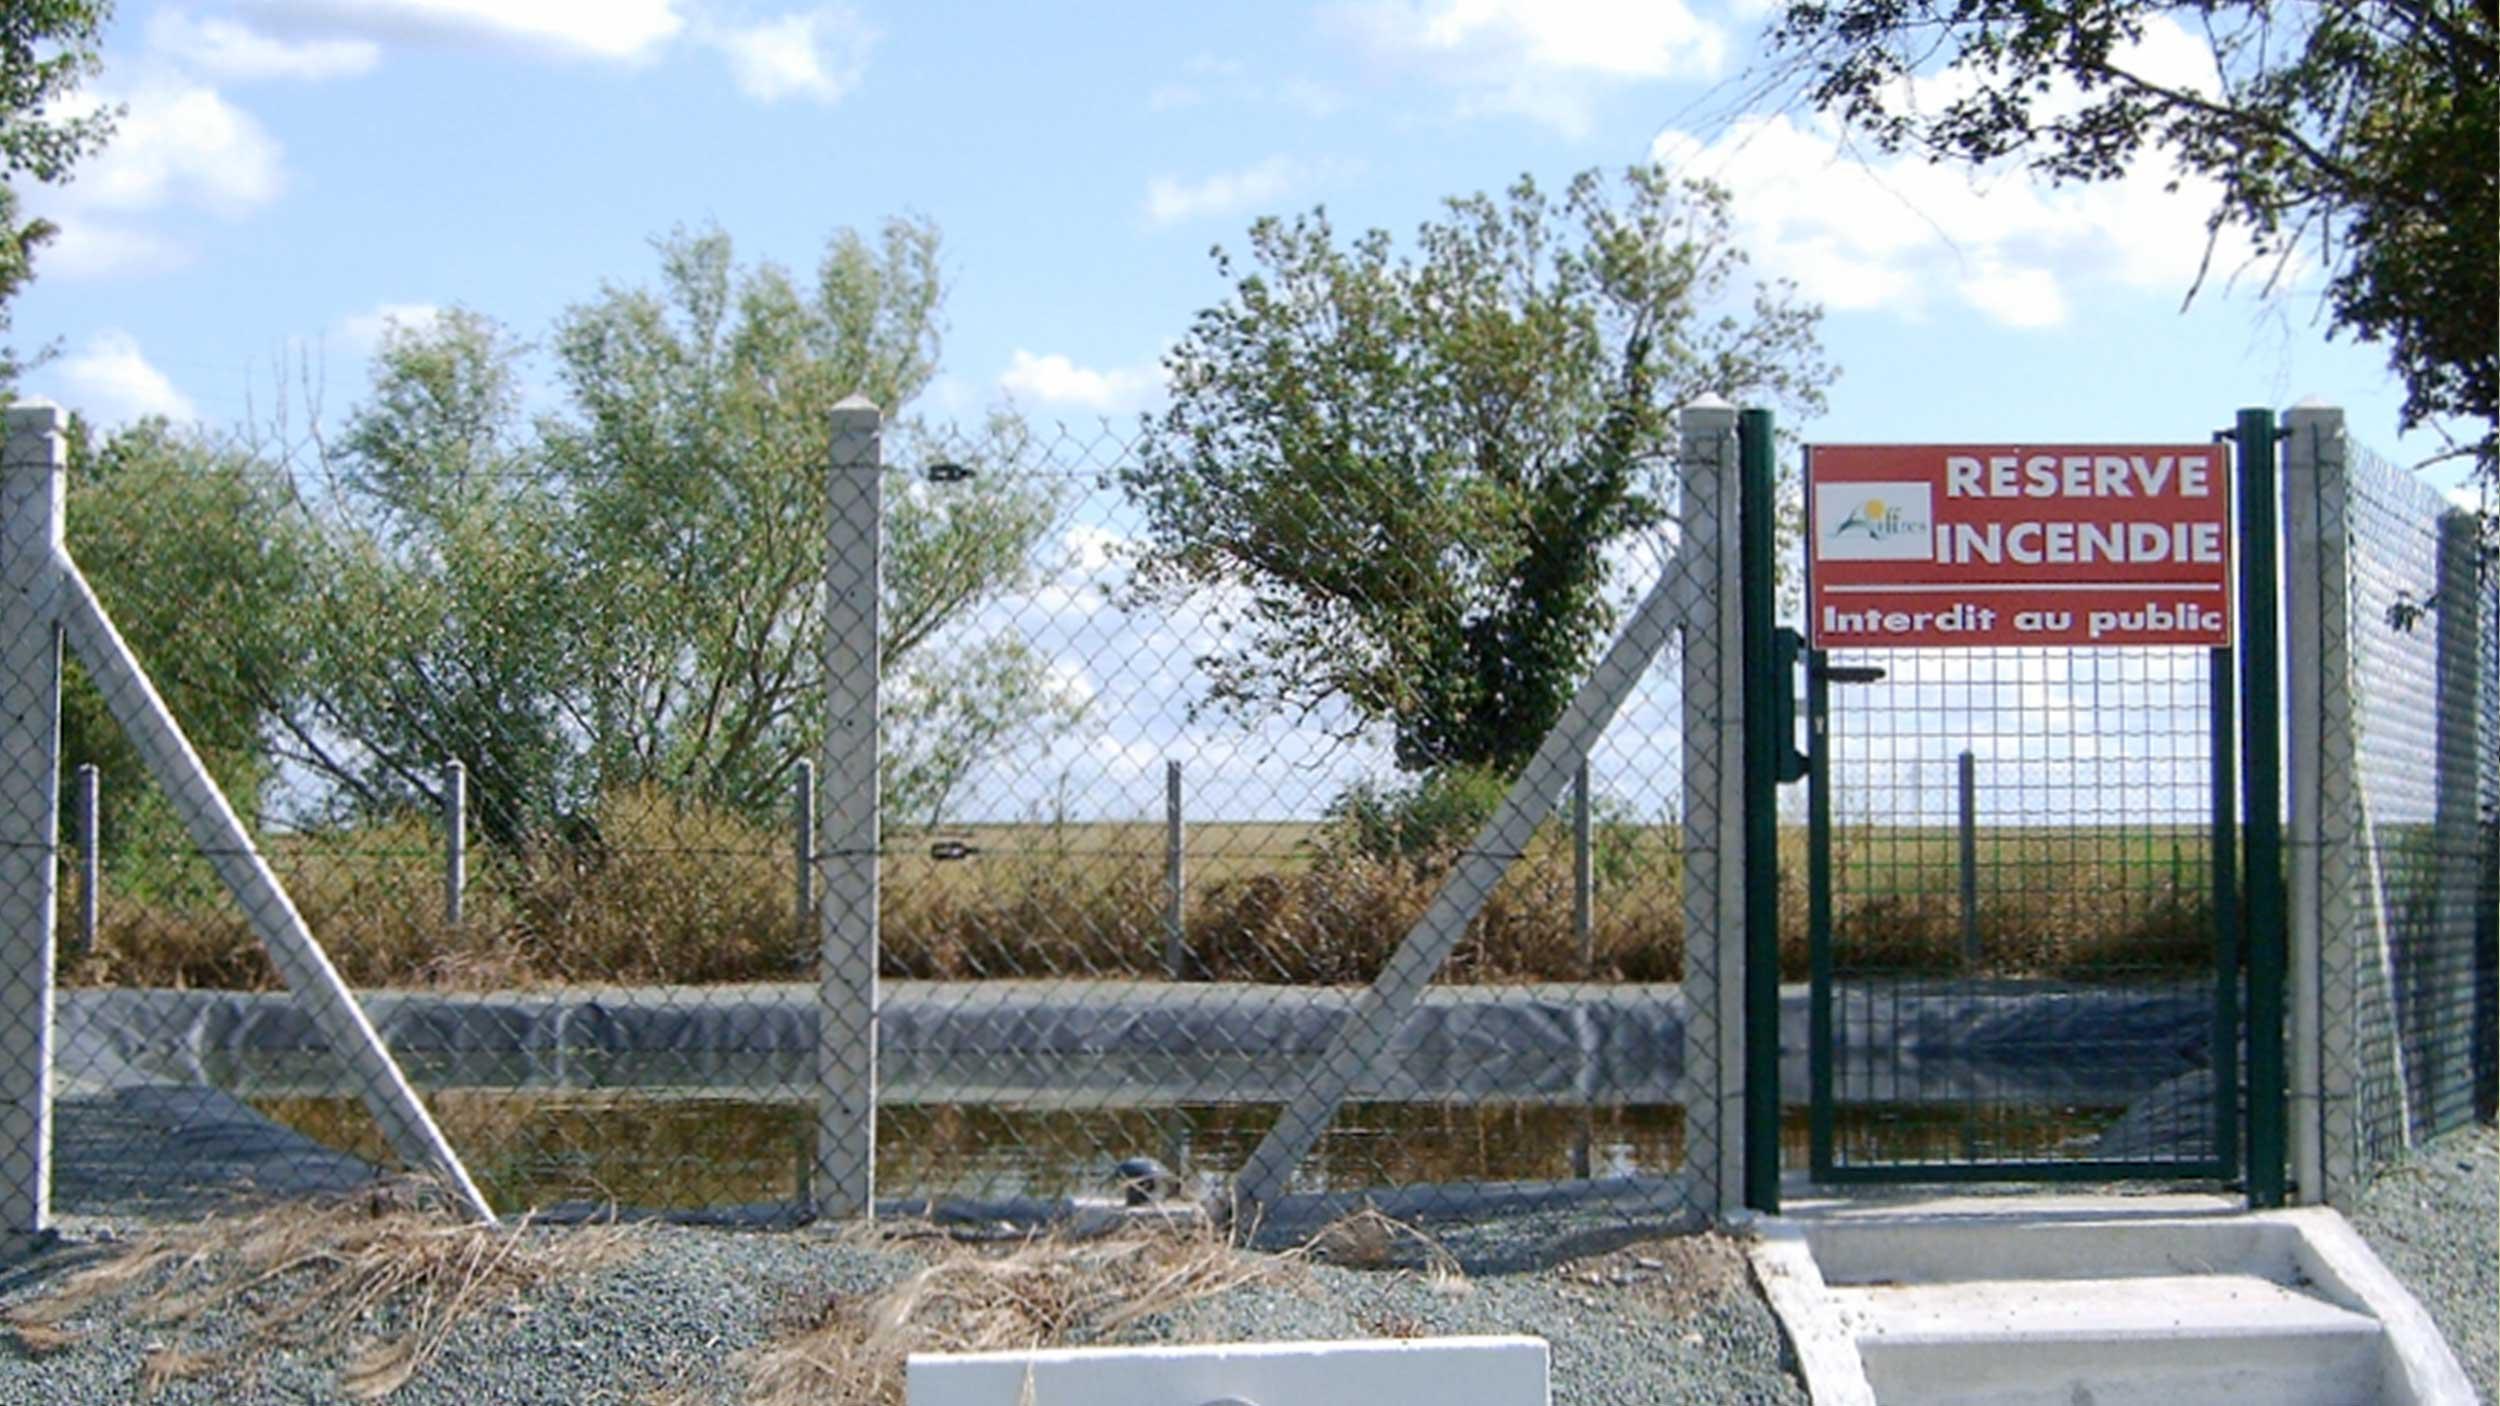 reserve incendie eau de pluie